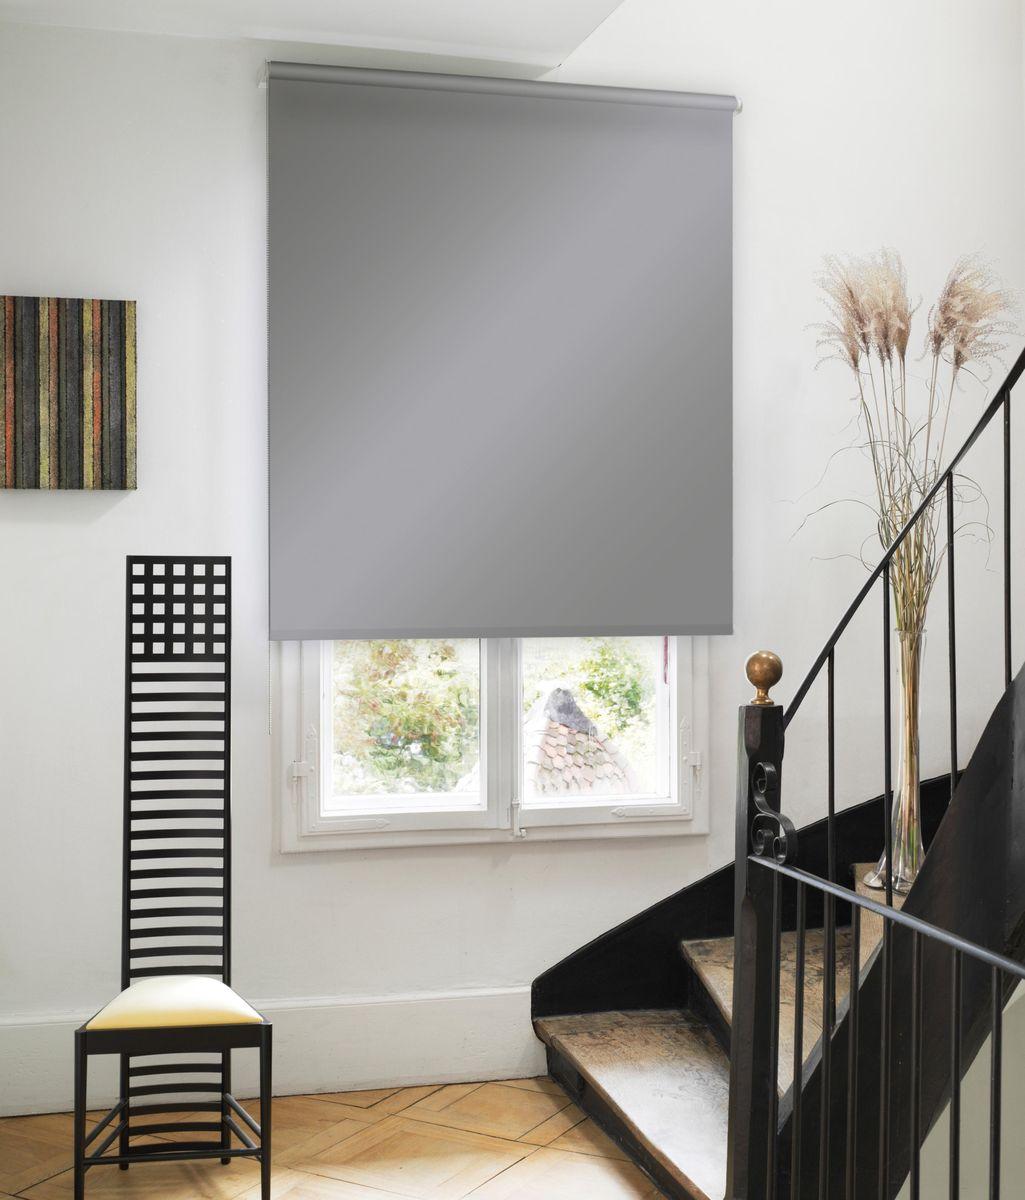 Штора рулонная Эскар, цвет: серый, ширина 140 см, высота 170 см1004900000360Рулонными шторами можно оформлять окна как самостоятельно, так и использовать в комбинации с портьерами. Это поможет предотвратить выгорание дорогой ткани на солнце и соединит функционал рулонных с красотой навесных.Преимущества применения рулонных штор для пластиковых окон:- имеют прекрасный внешний вид: многообразие и фактурность материала изделия отлично смотрятся в любом интерьере; - многофункциональны: есть возможность подобрать шторы способные эффективно защитить комнату от солнца, при этом о на не будет слишком темной. - Есть возможность осуществить быстрый монтаж. ВНИМАНИЕ! Размеры ширины изделия указаны по ширине ткани!Во время эксплуатации не рекомендуется полностью разматывать рулон, чтобы не оторвать ткань от намоточного вала.В случае загрязнения поверхности ткани, чистку шторы проводят одним из способов, в зависимости от типа загрязнения: легкое поверхностное загрязнение можно удалить при помощи канцелярского ластика; чистка от пыли производится сухим методом при помощи пылесоса с мягкой щеткой-насадкой; для удаления пятна используйте мягкую губку с пенообразующим неагрессивным моющим средством или пятновыводитель на натуральной основе (нельзя применять растворители).